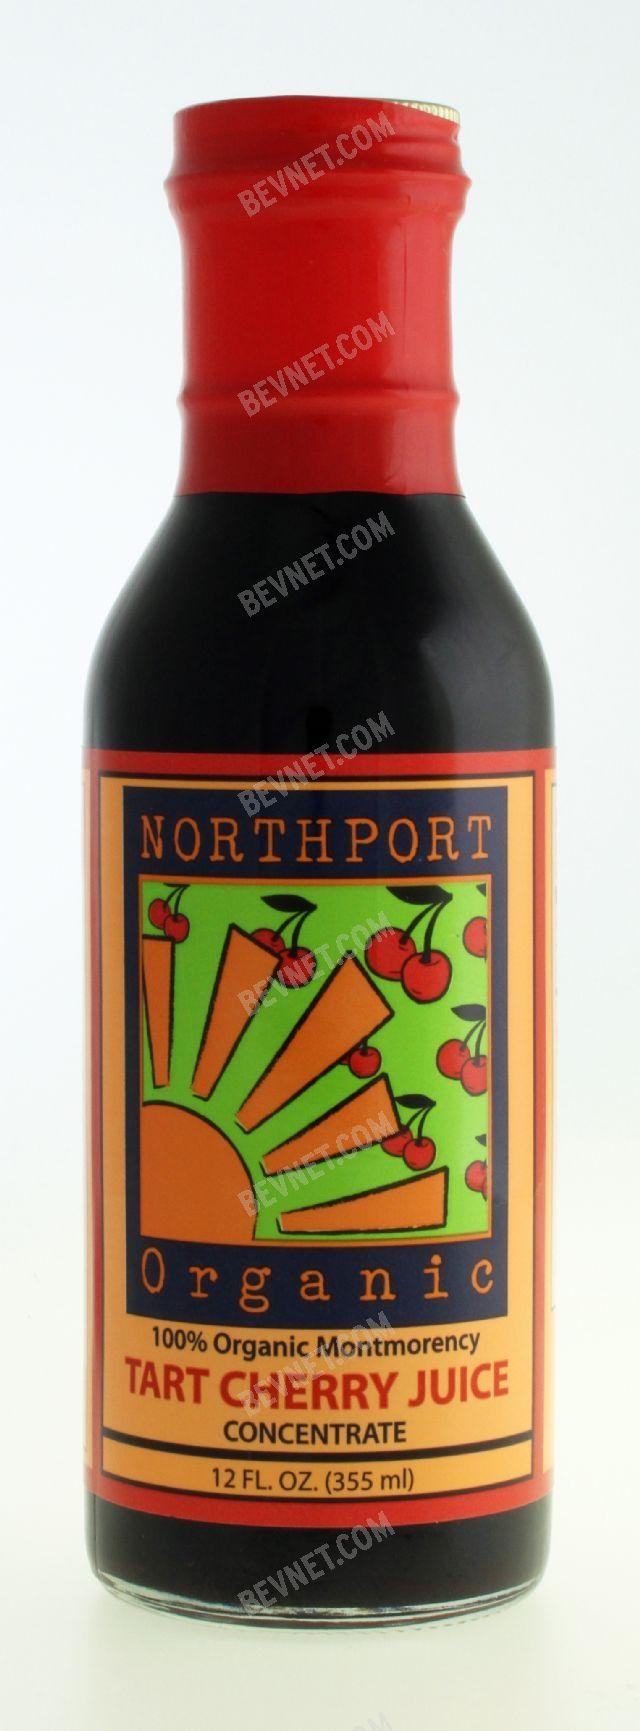 Northport Organic: